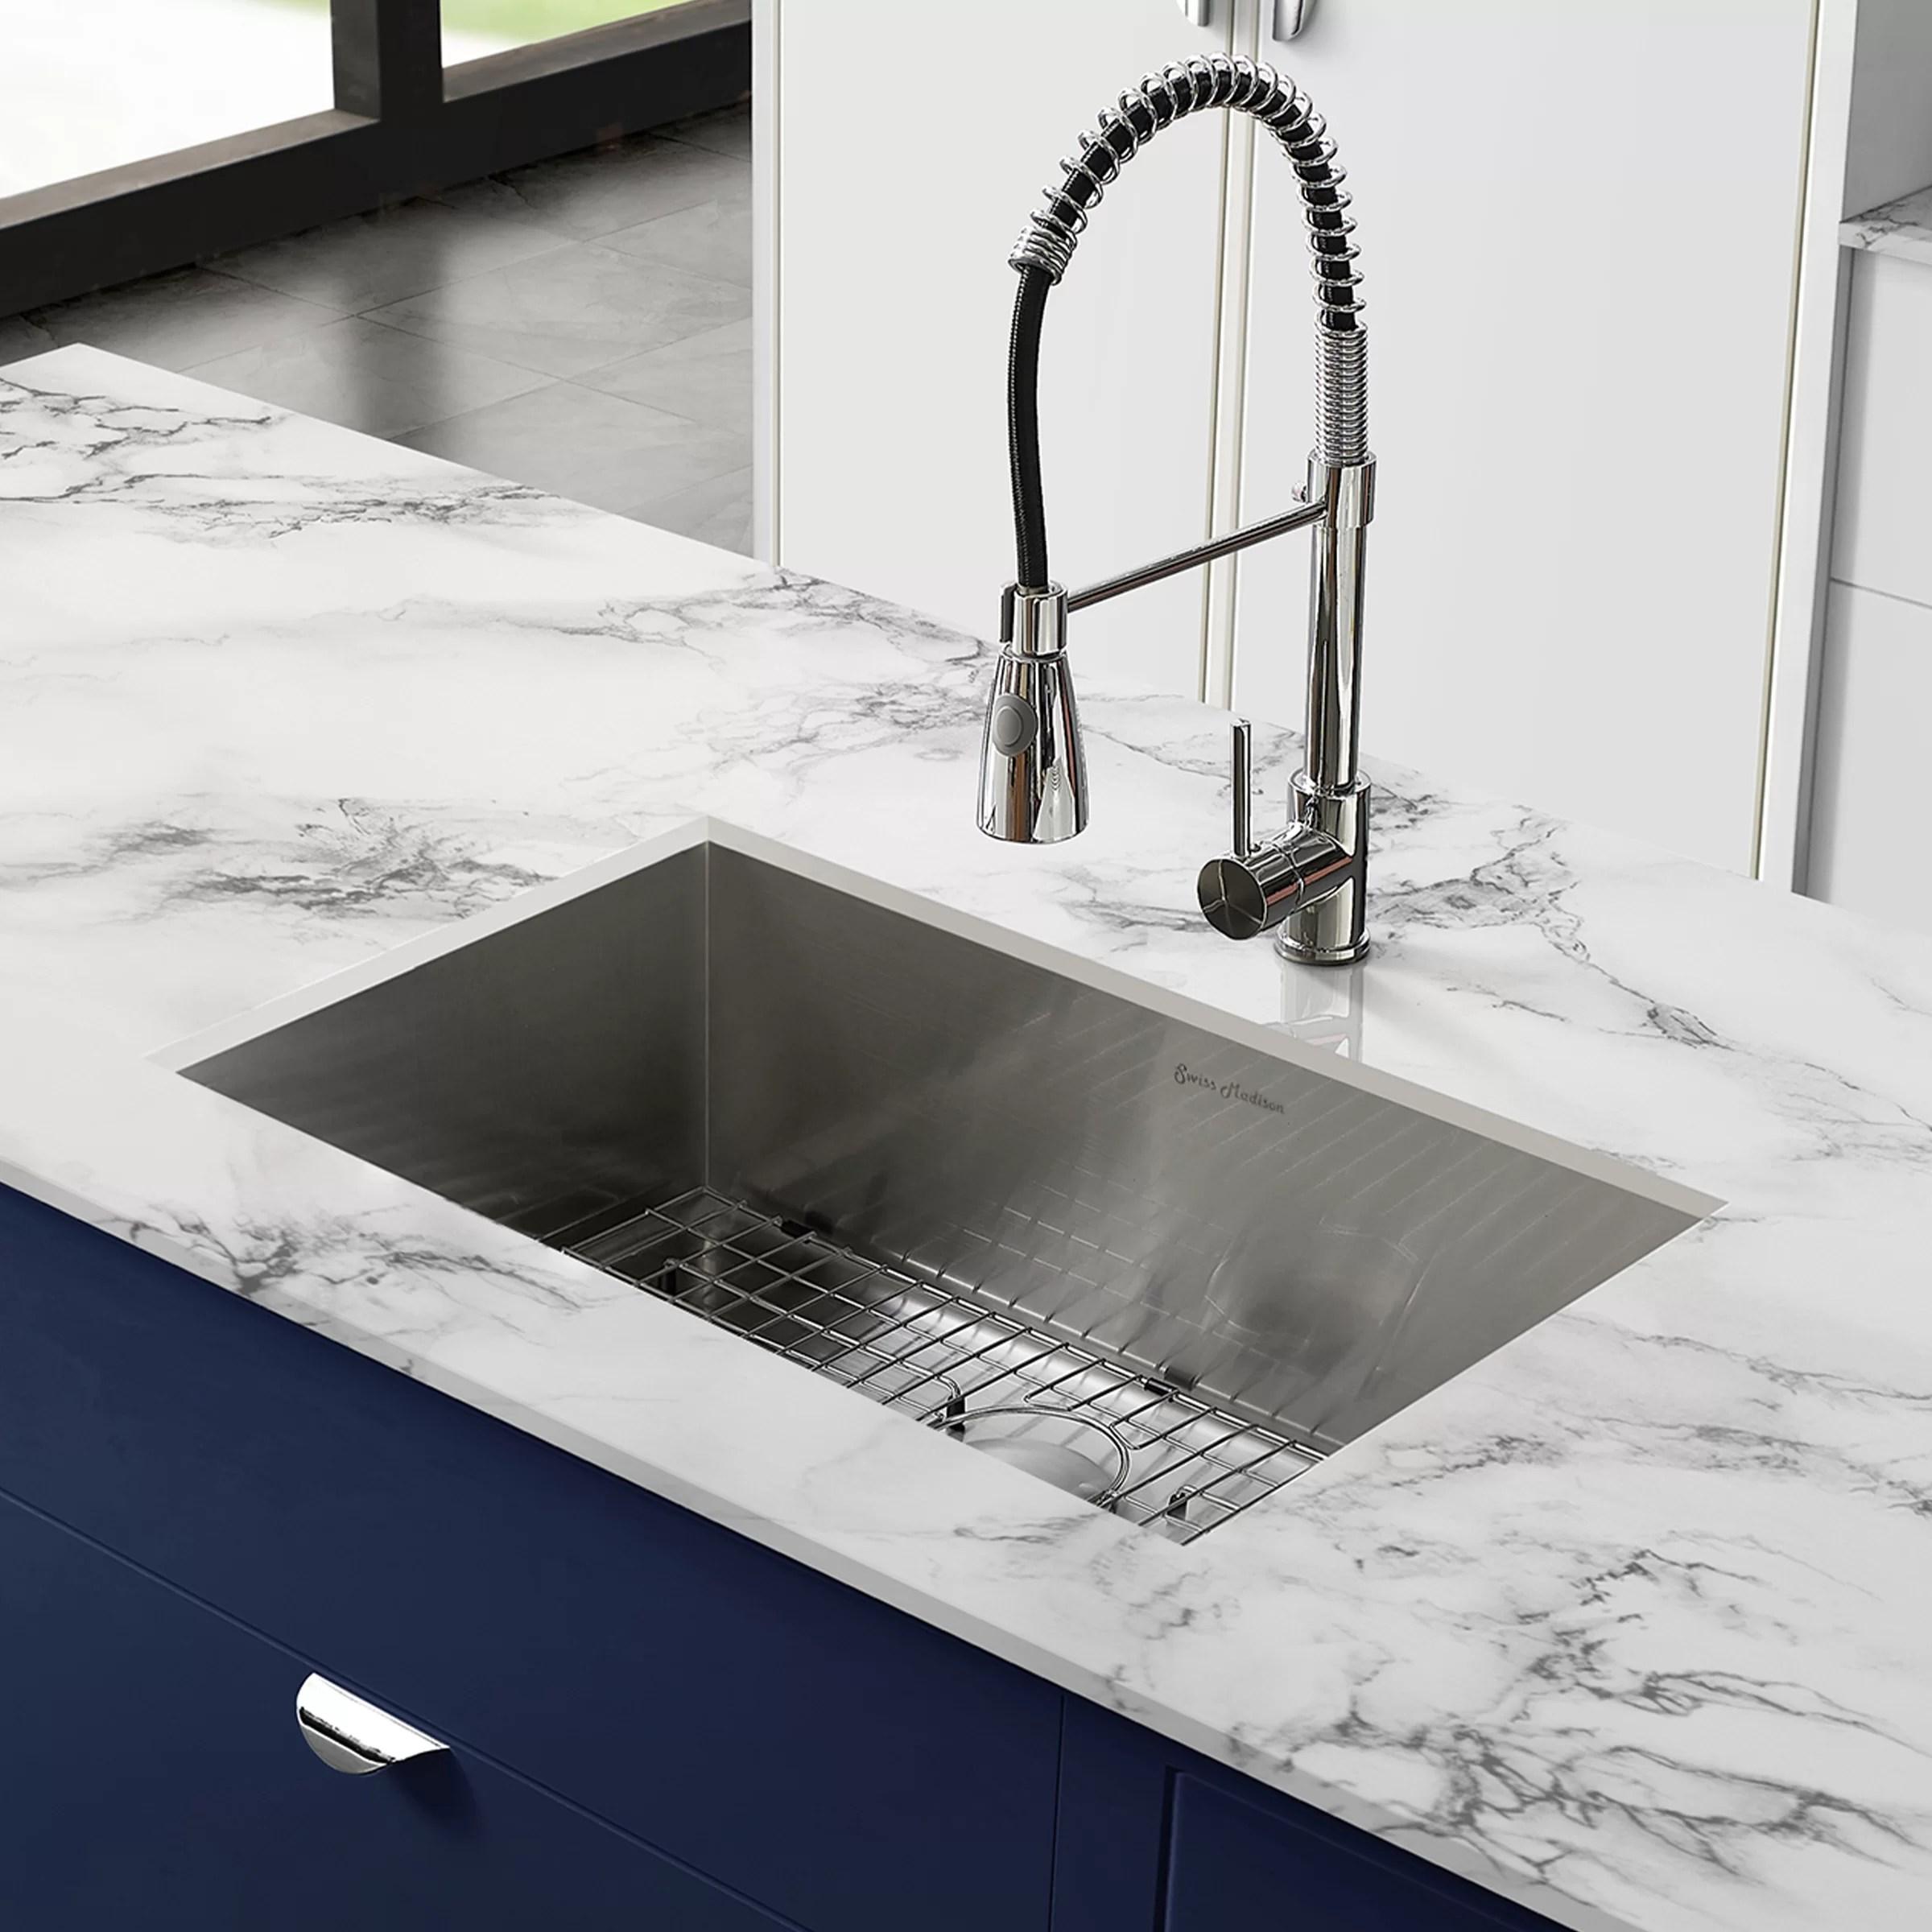 tourner stainless steel 27 x 19 undermount kitchen sink